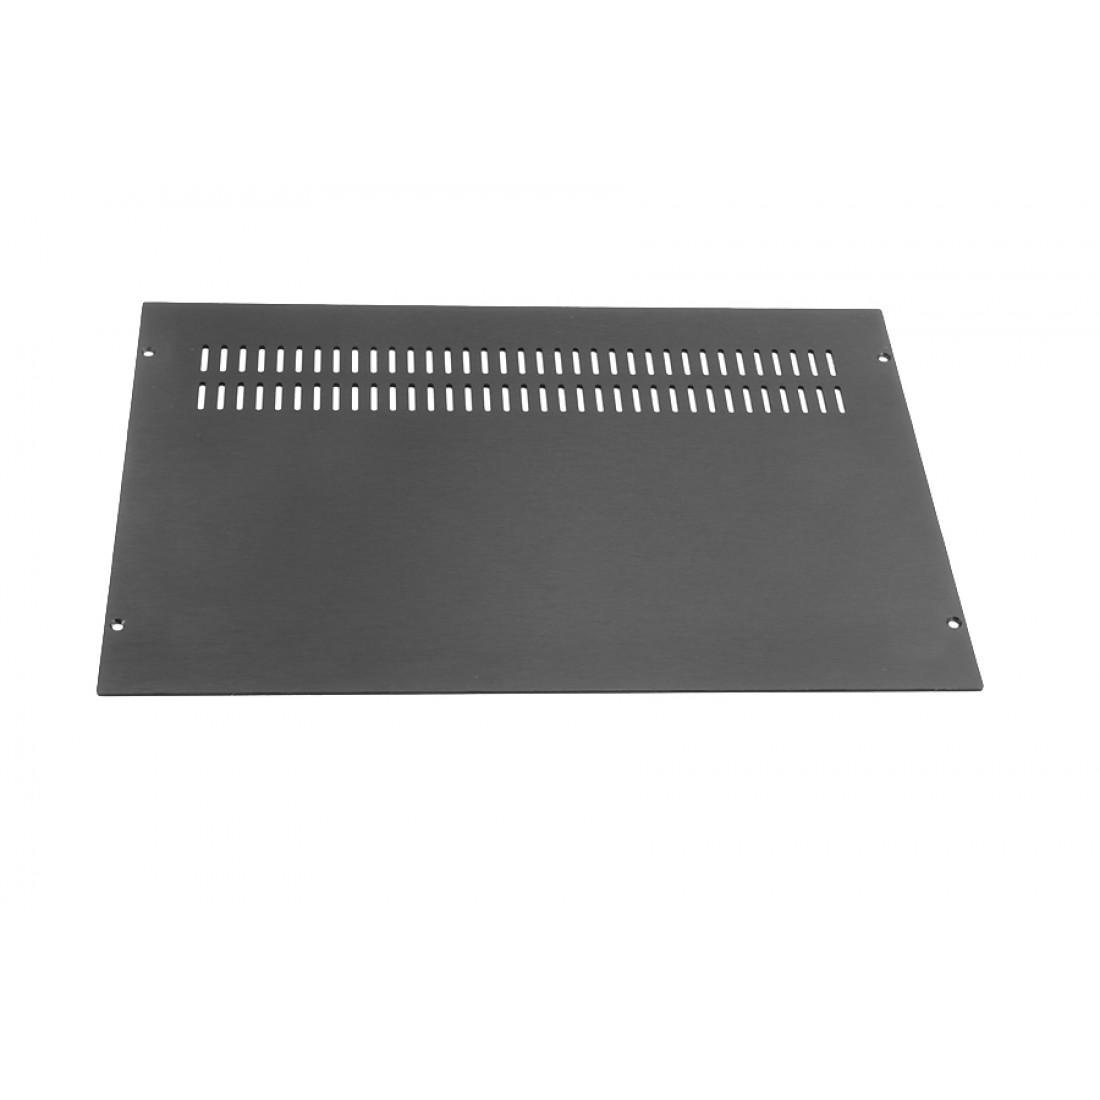 1NGXA383N - 2U Galaxy-M, 330 x 230 x 80mm, 10mm panel černý